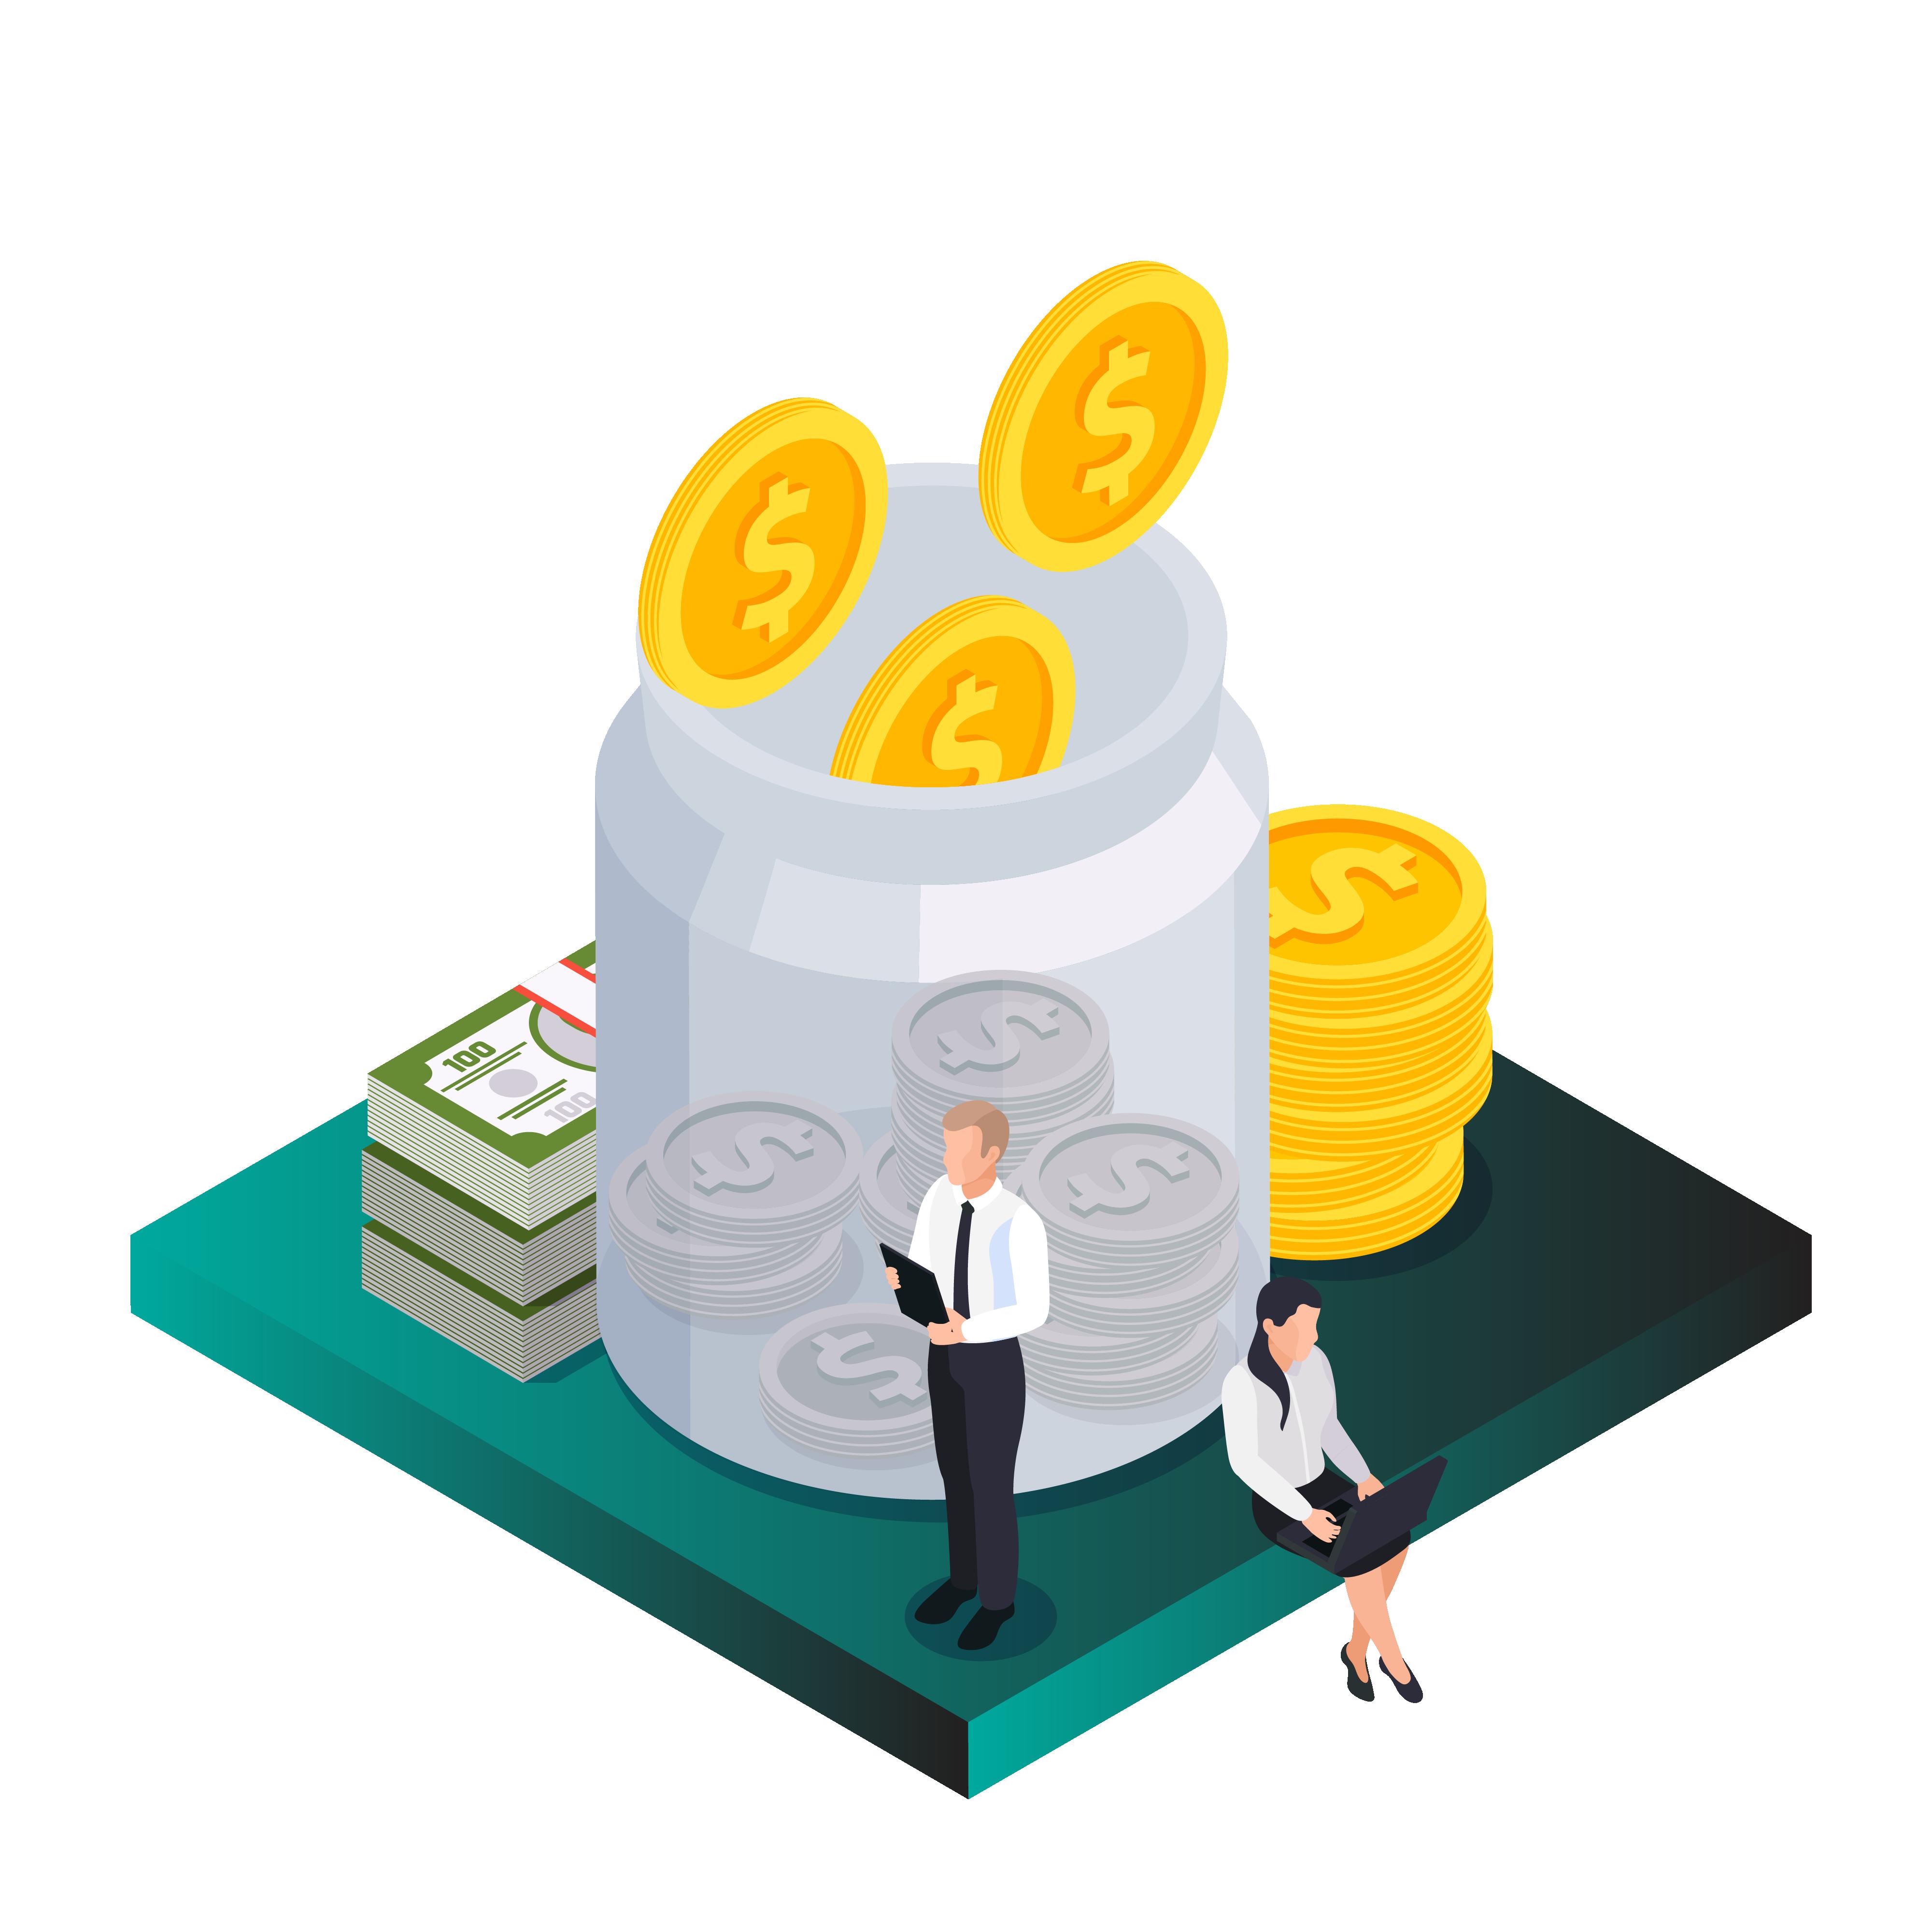 Chiến lược tài chính (Financial strategy) tối ưu thời COVID